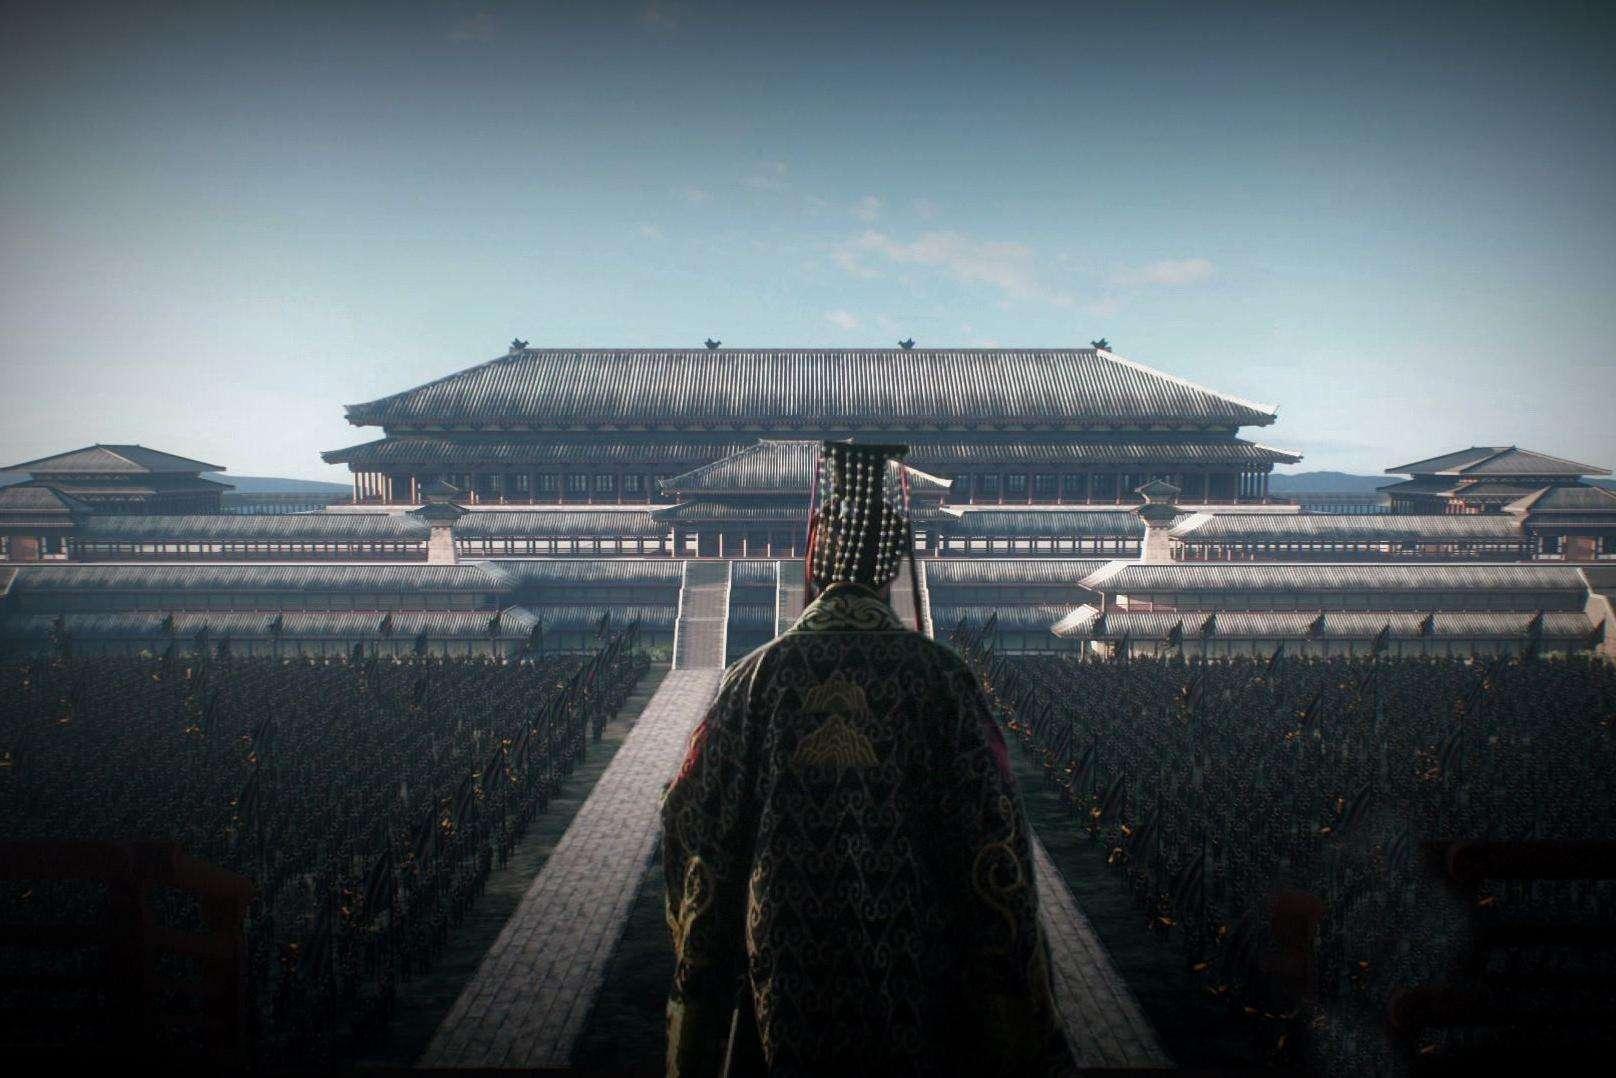 秦朝灭亡始于秦始皇暴政?恰恰相反,他执政期间过于仁慈了